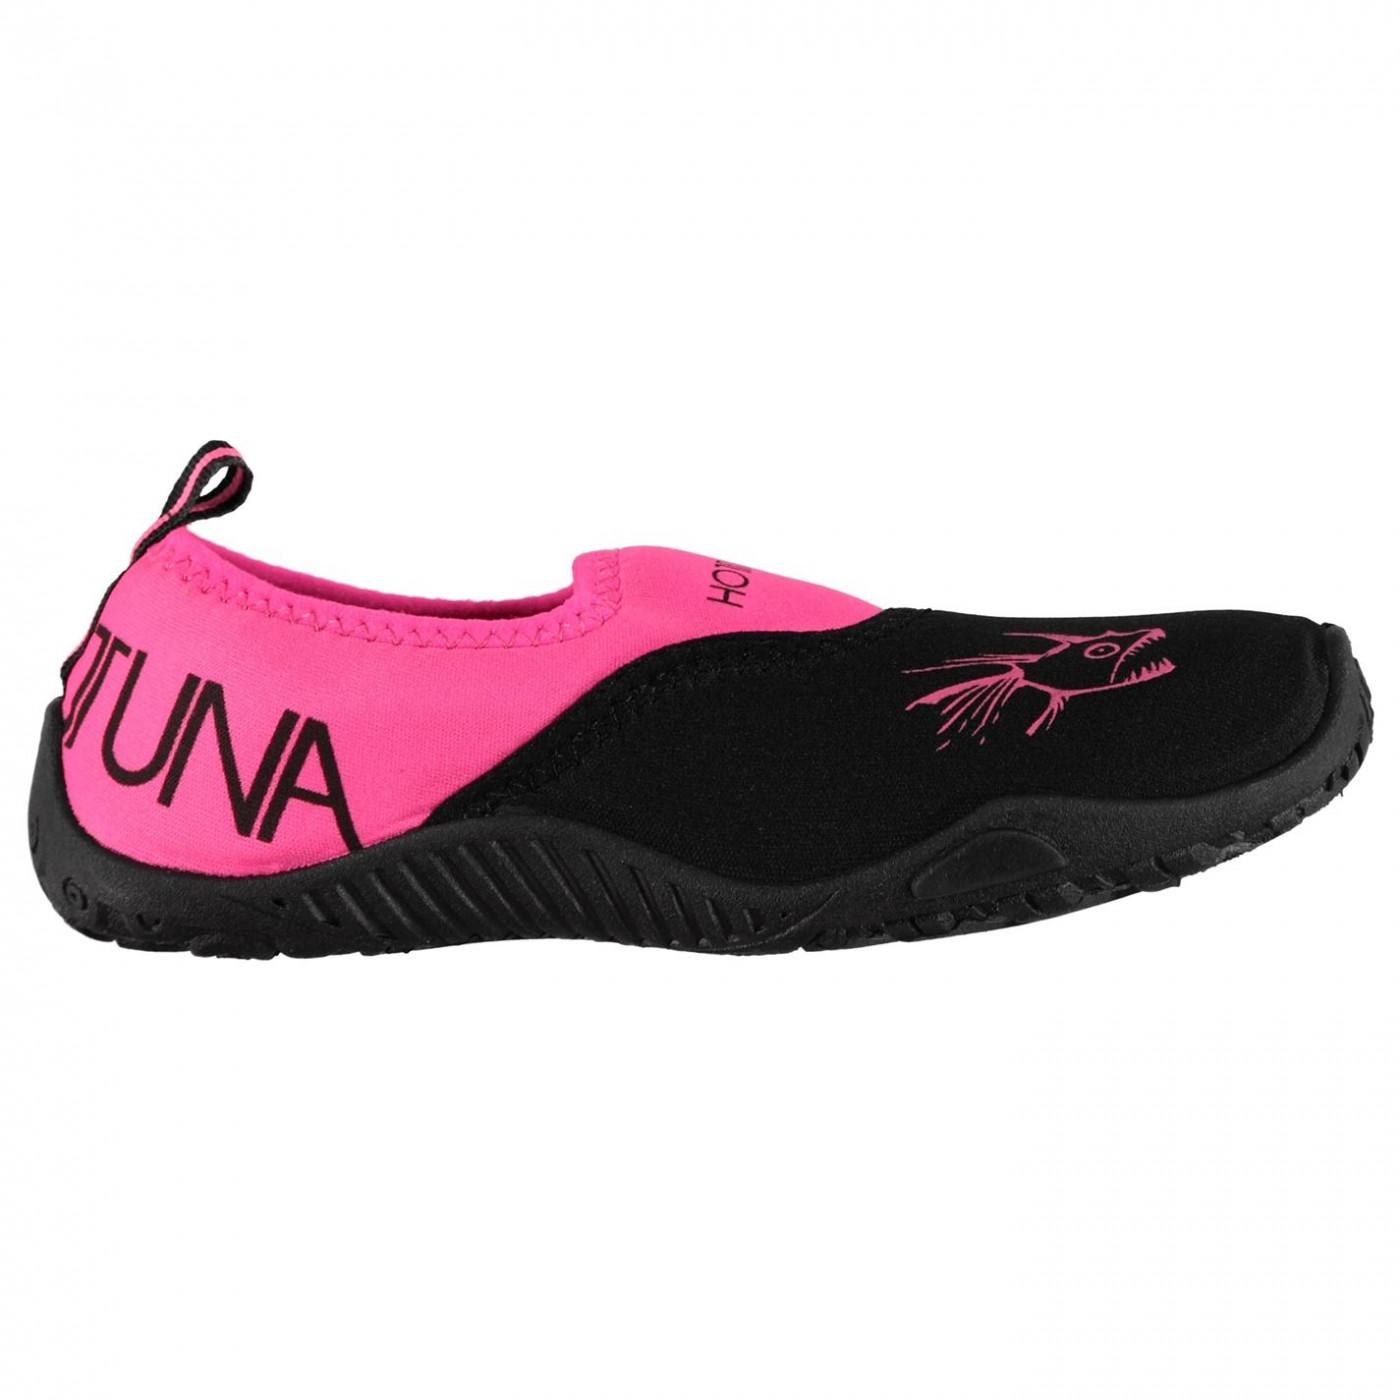 Hot Tuna Junior Aqua Water Shoes